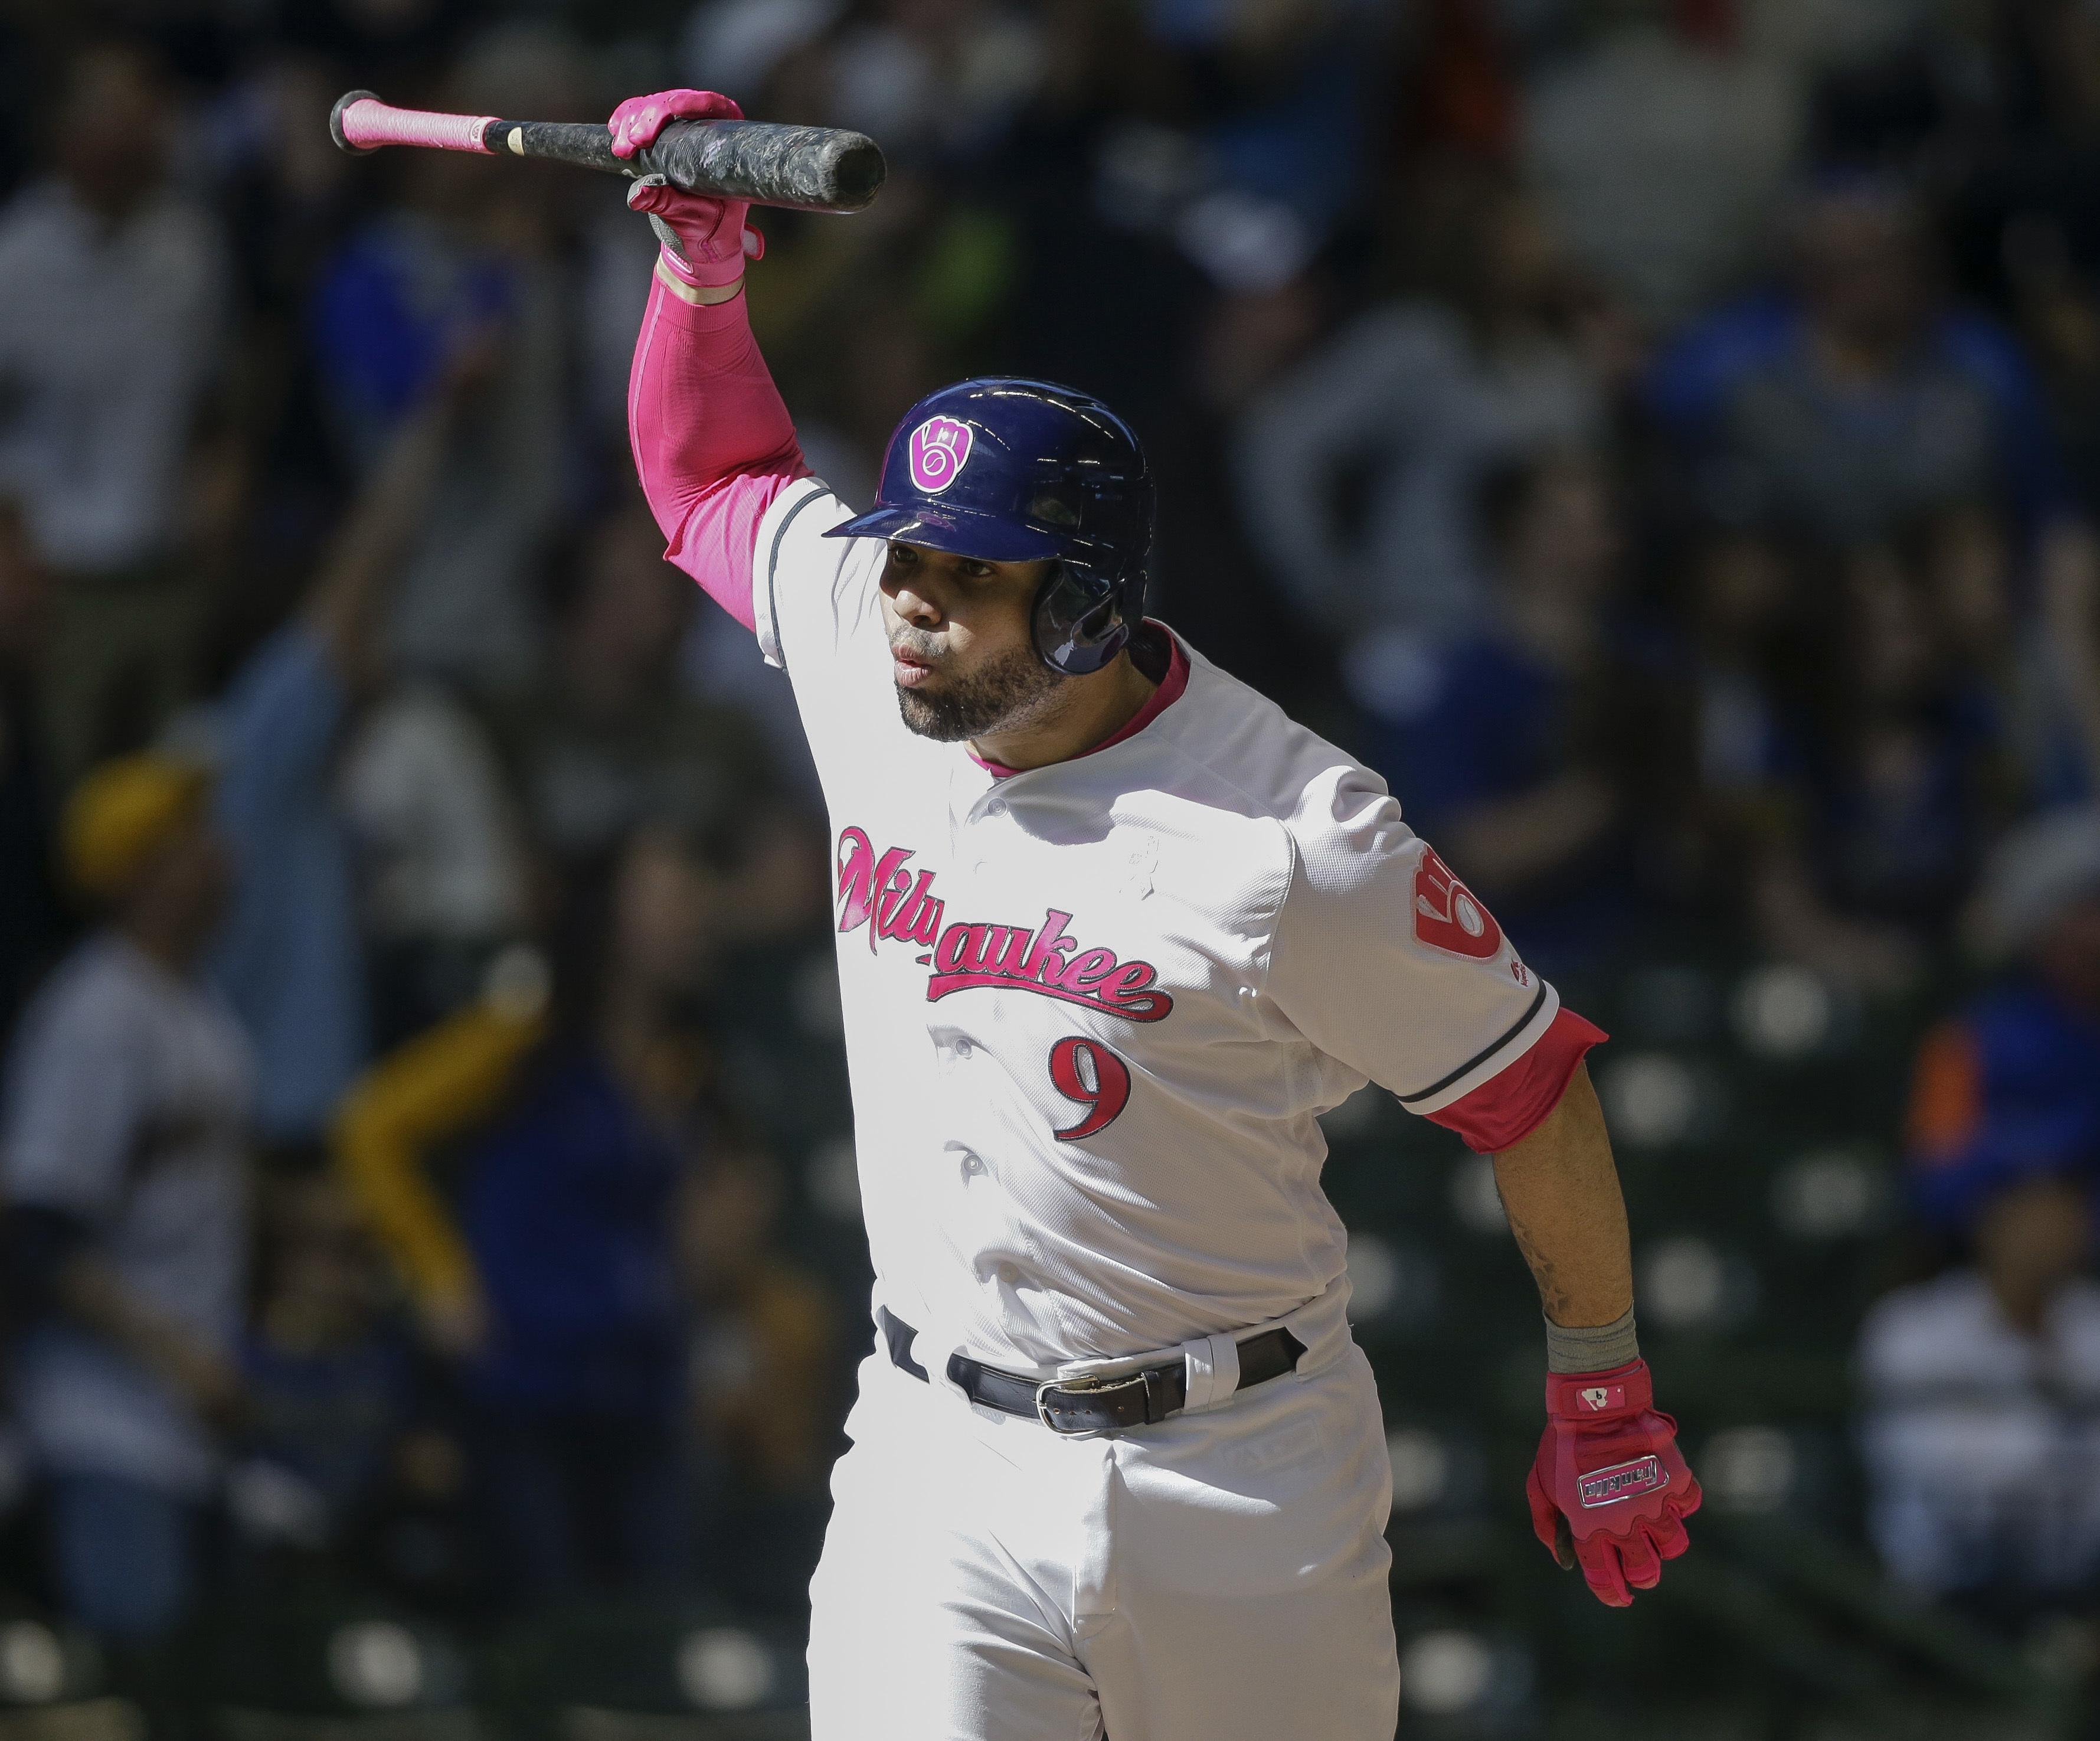 Manny Pina轟出逆轉3分砲後興奮慶祝。(達志影像)